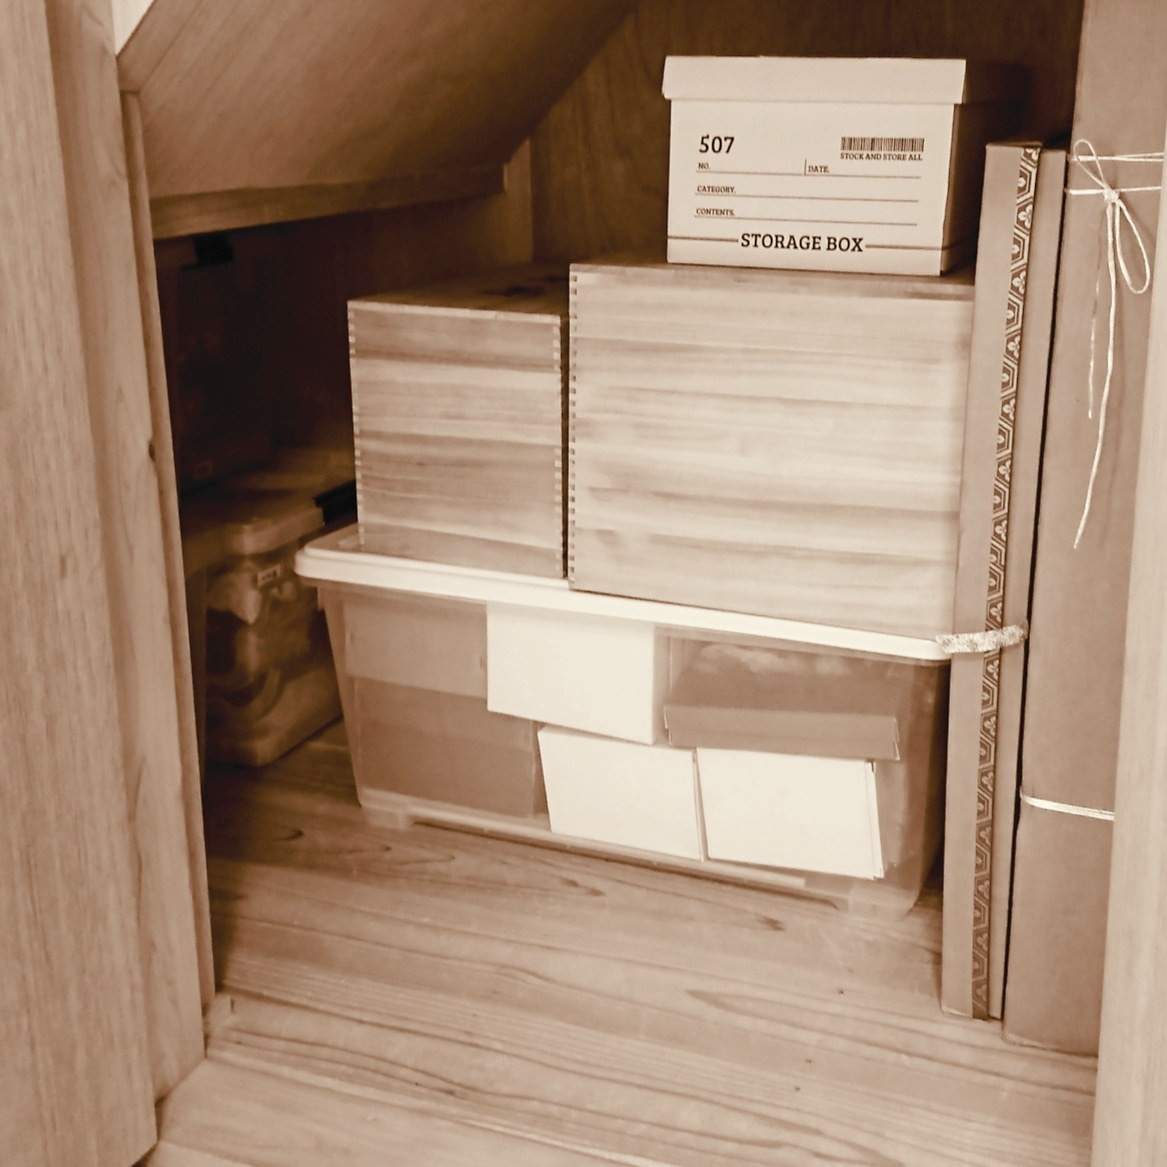 ++階段下の収納庫の中のビフォー&アフター++_e0354456_08400392.jpg